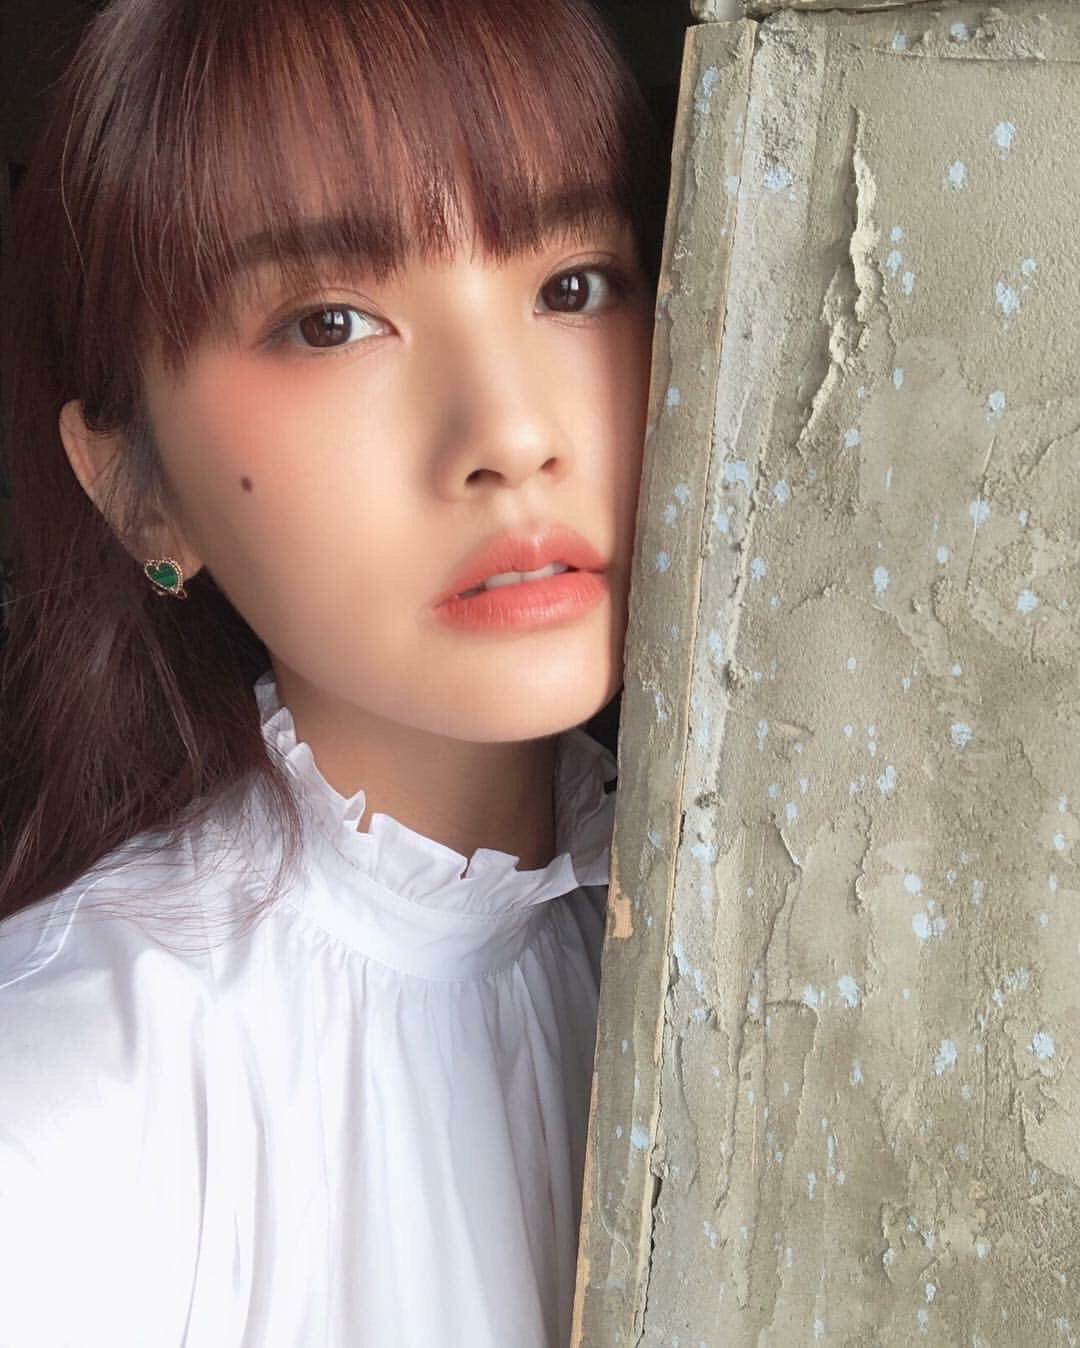 Dương Thừa Lâm đã U40 vẫn trẻ như gái đôi mươi chính nhờ 7 tips chăm da tuyệt mật ít người biết - Ảnh 4.